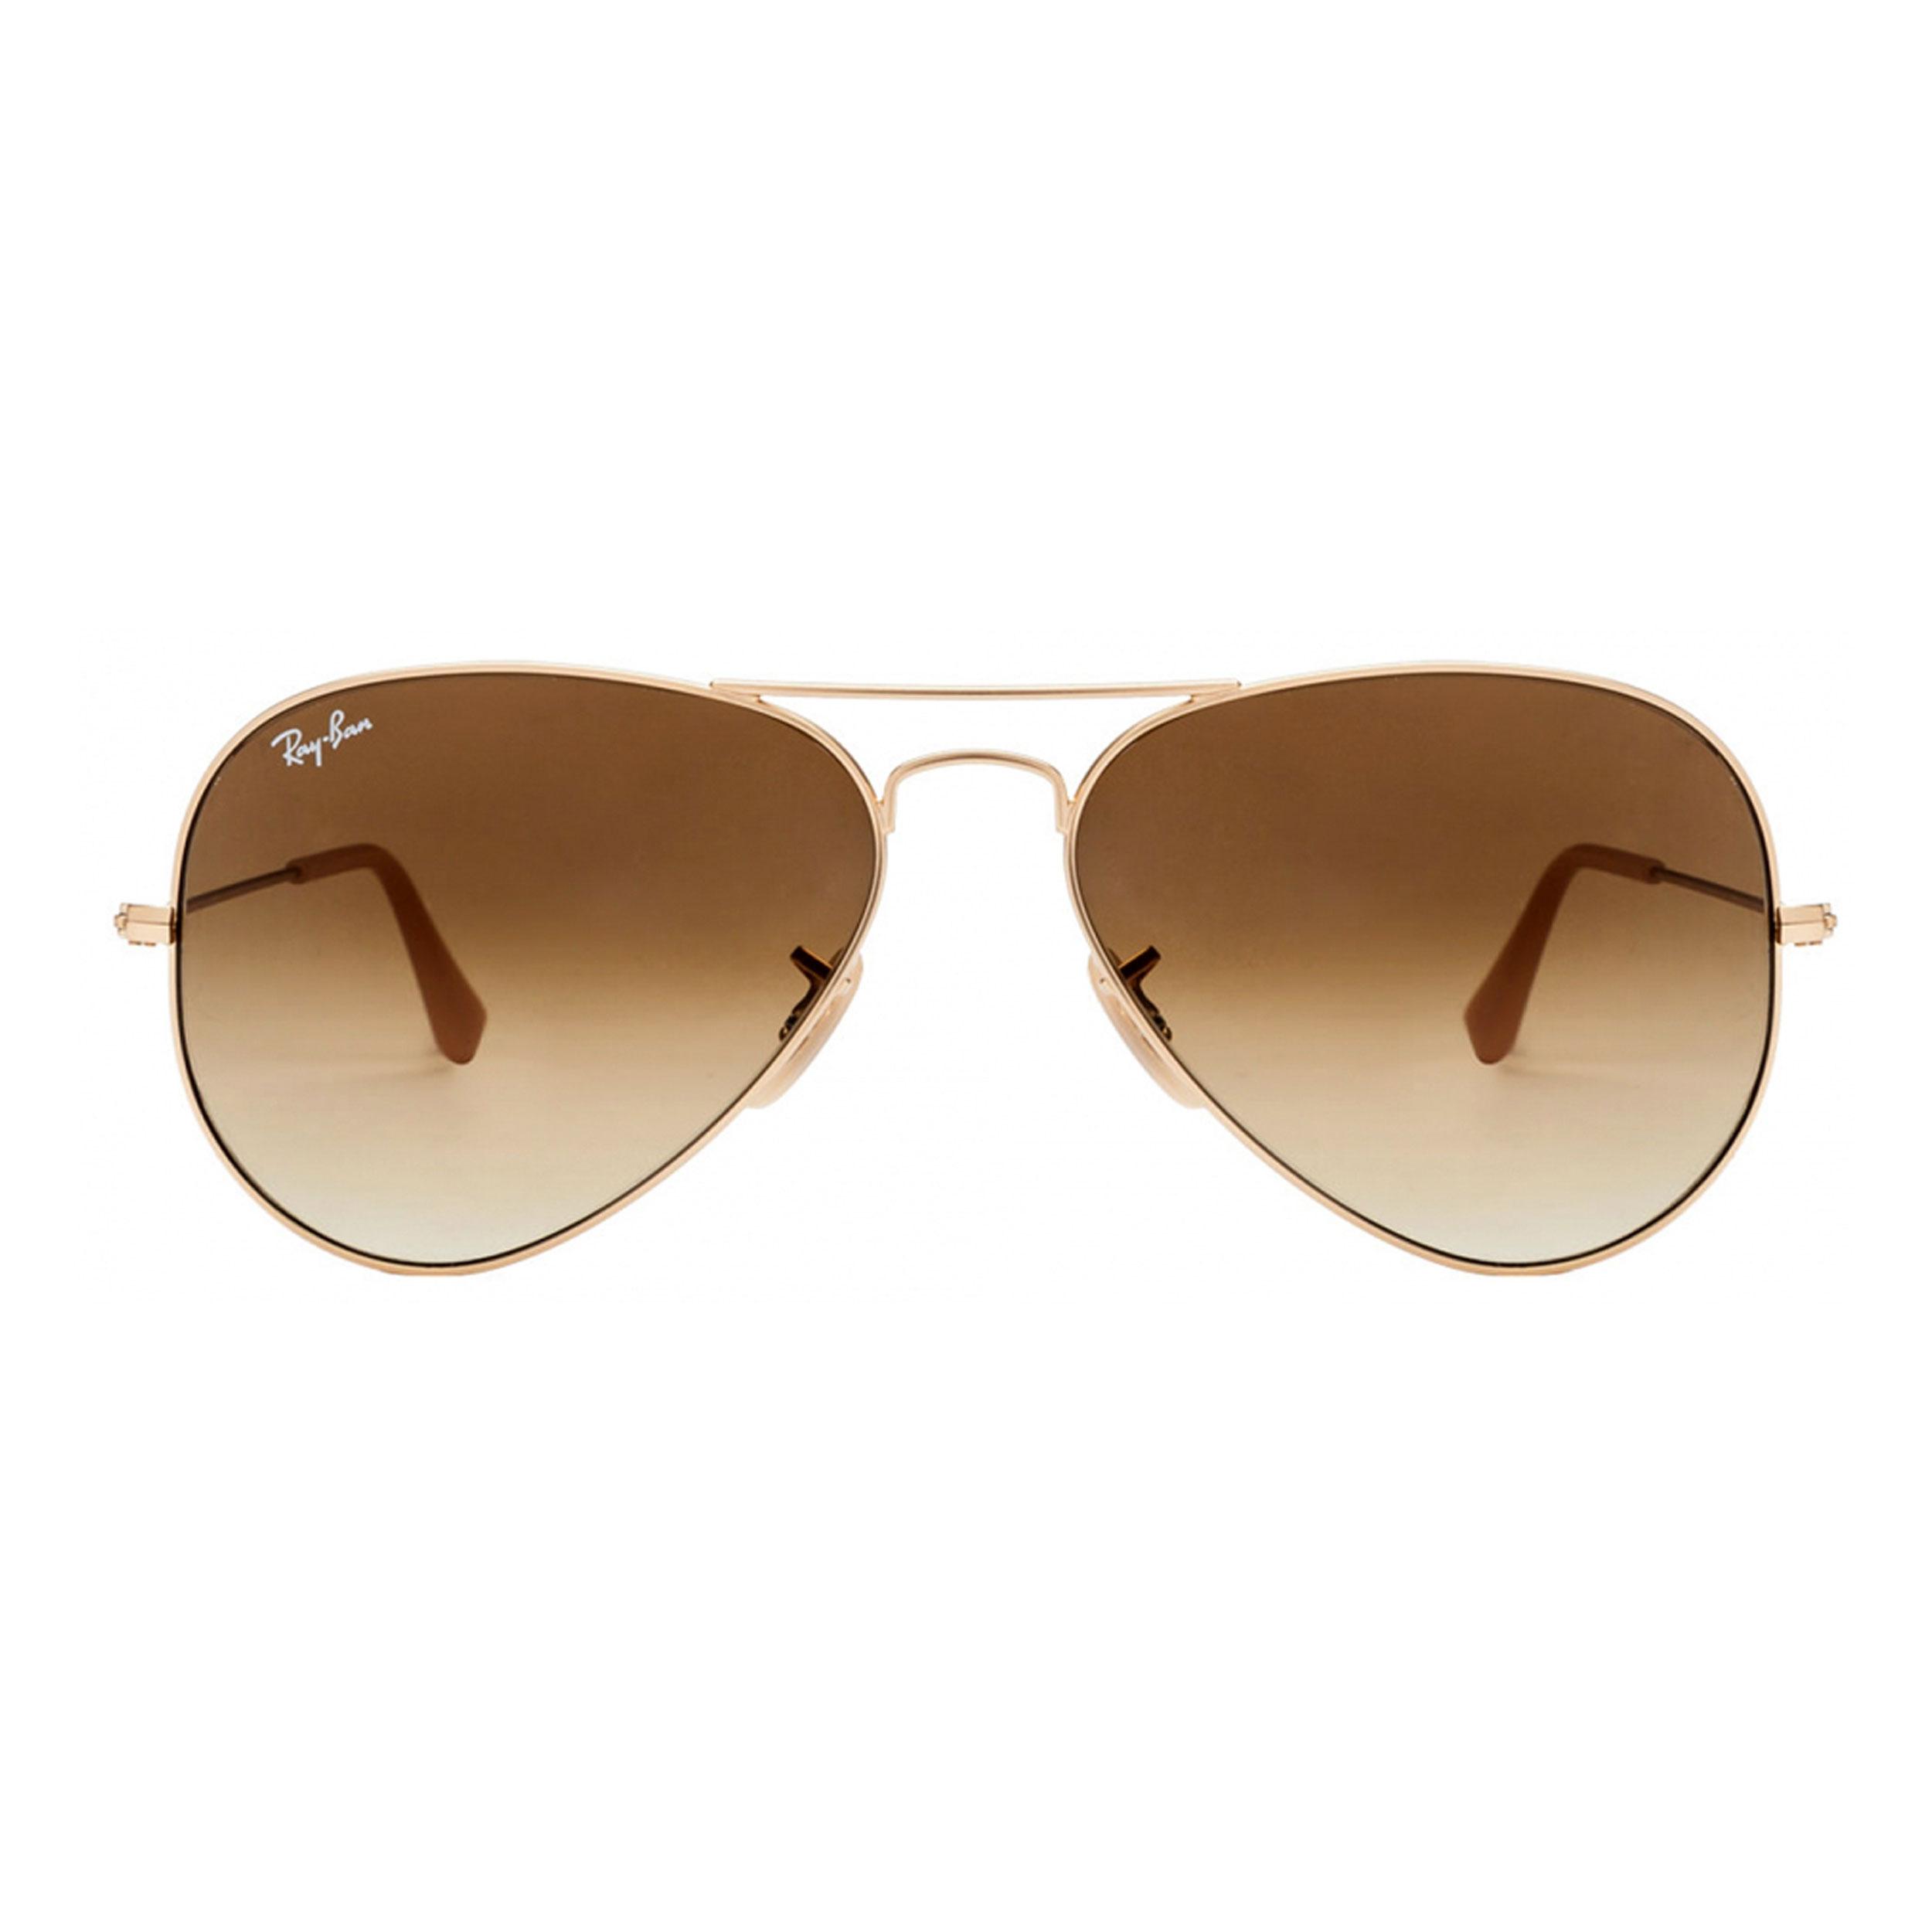 عینک آفتابی ری بن مدل 3025S 000151 55